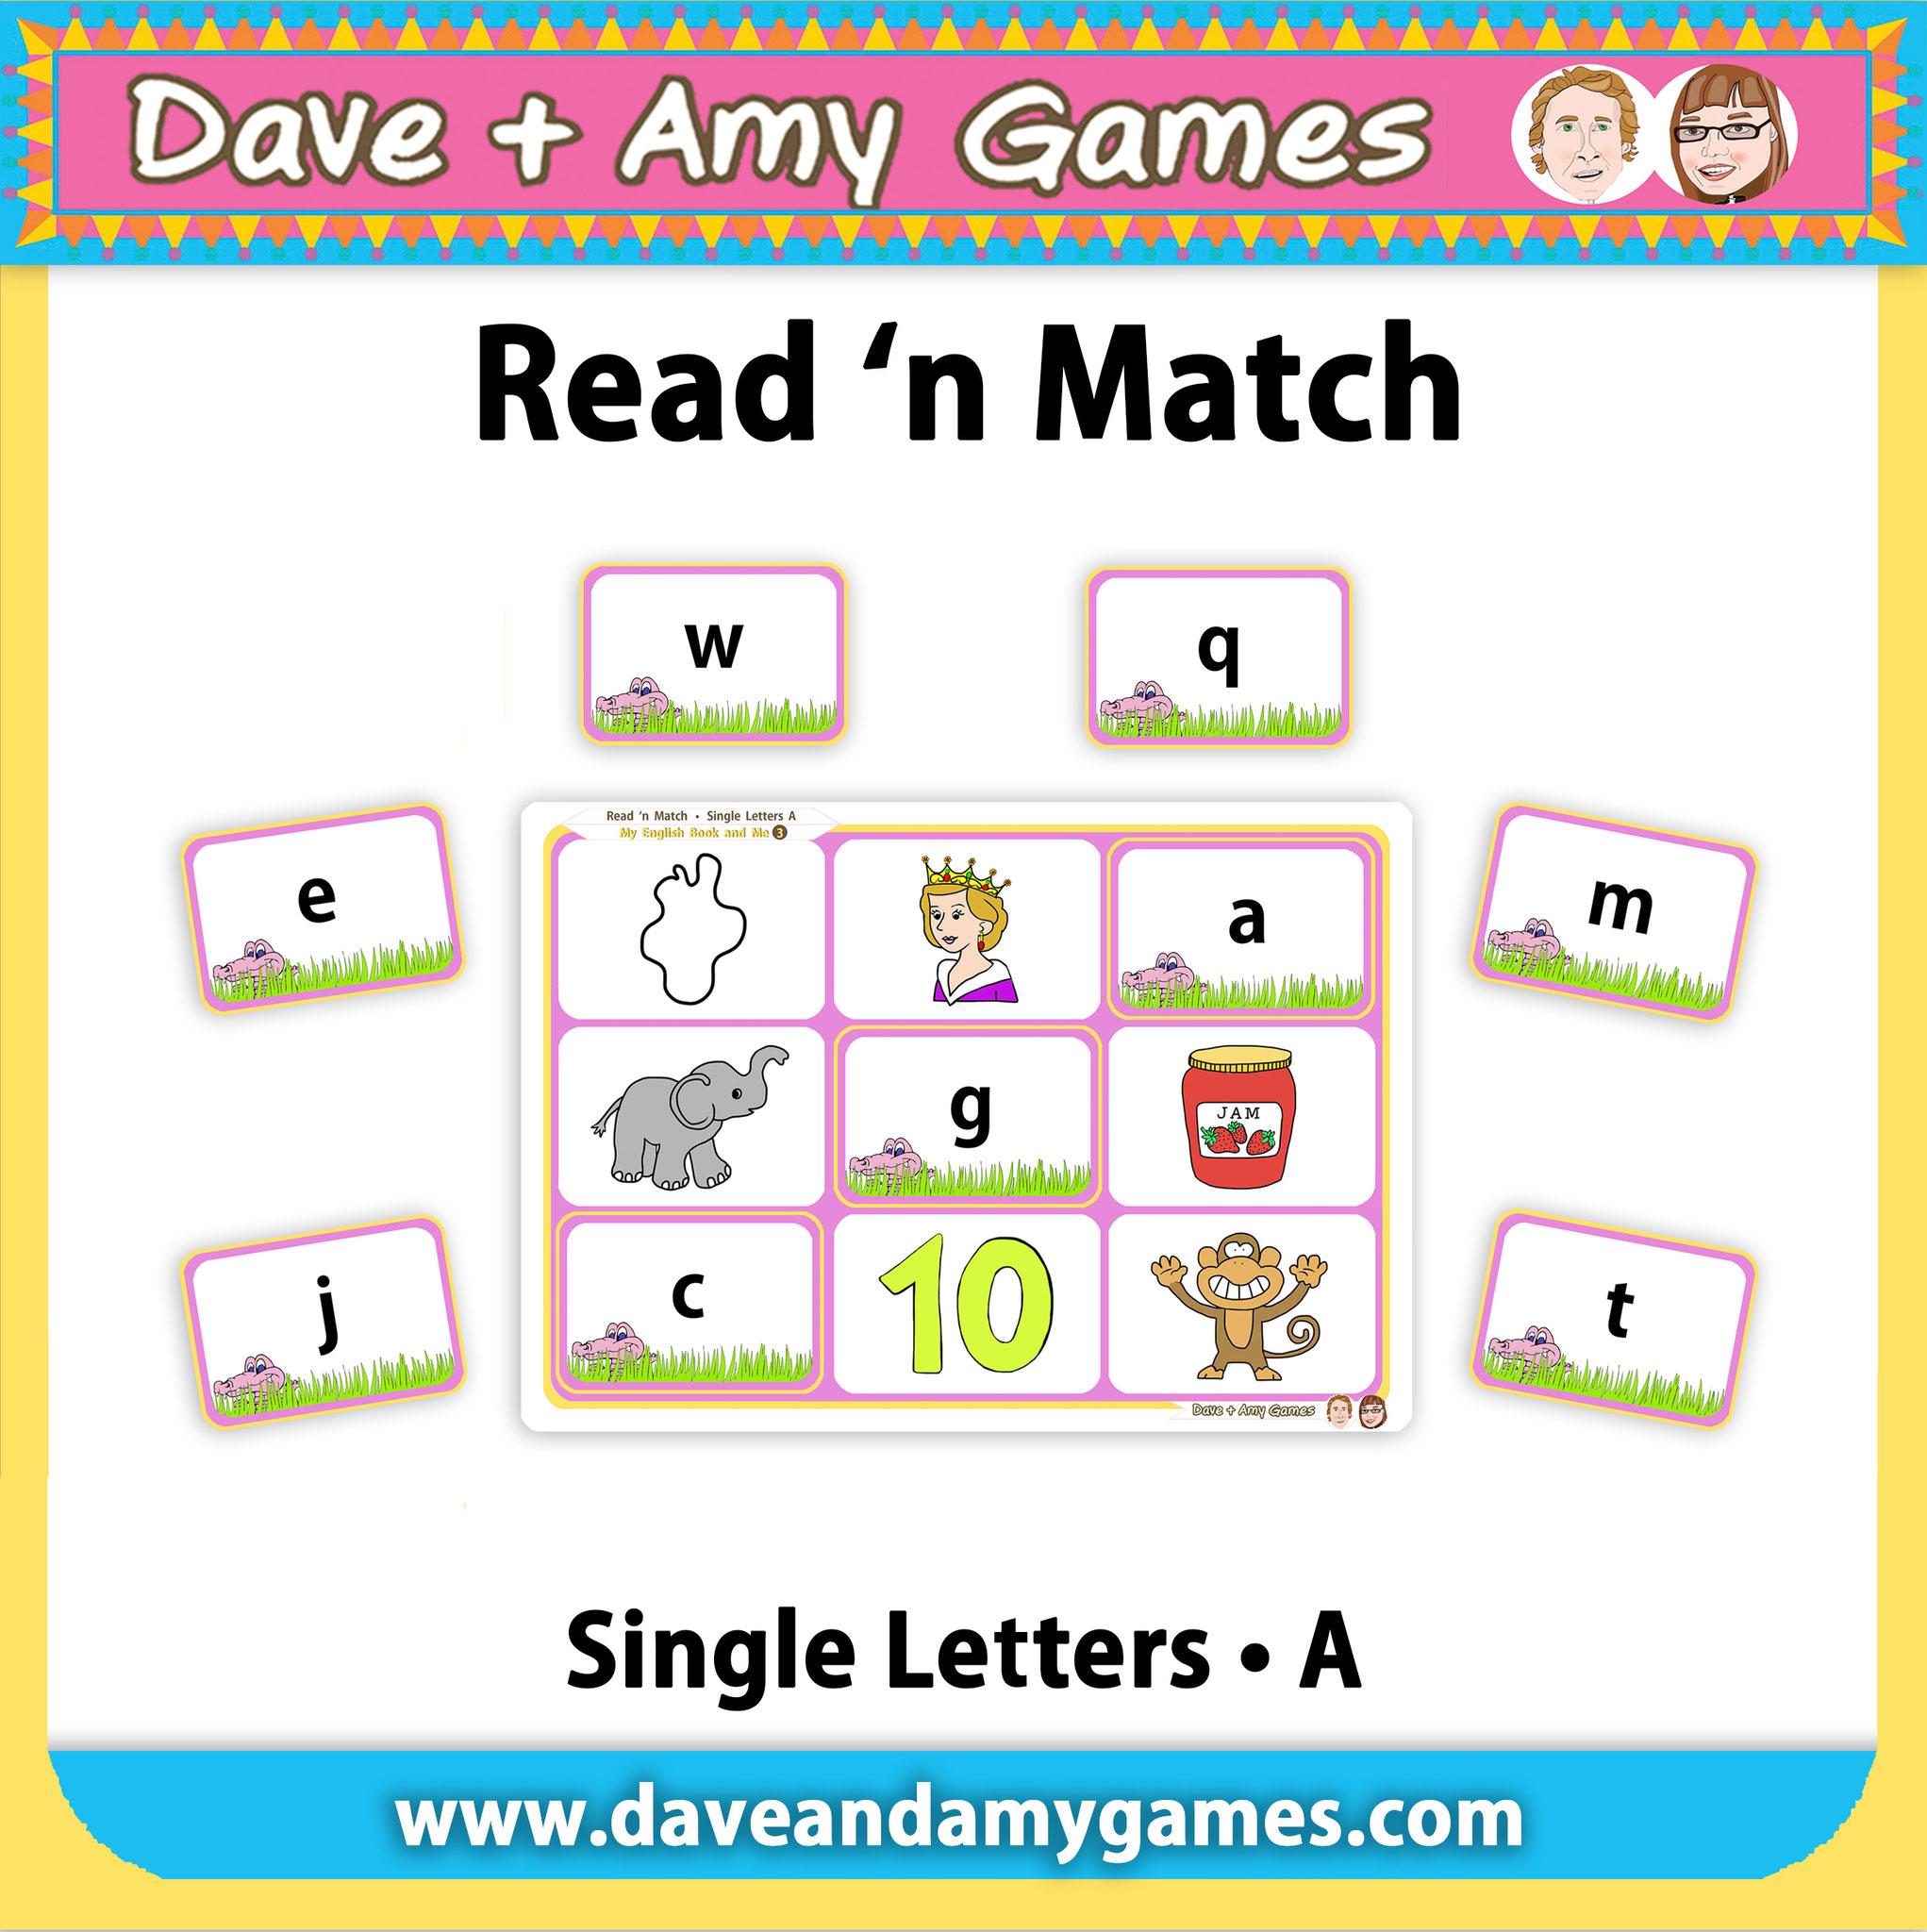 Read 'n Match (4 ABC Phonics Levels)